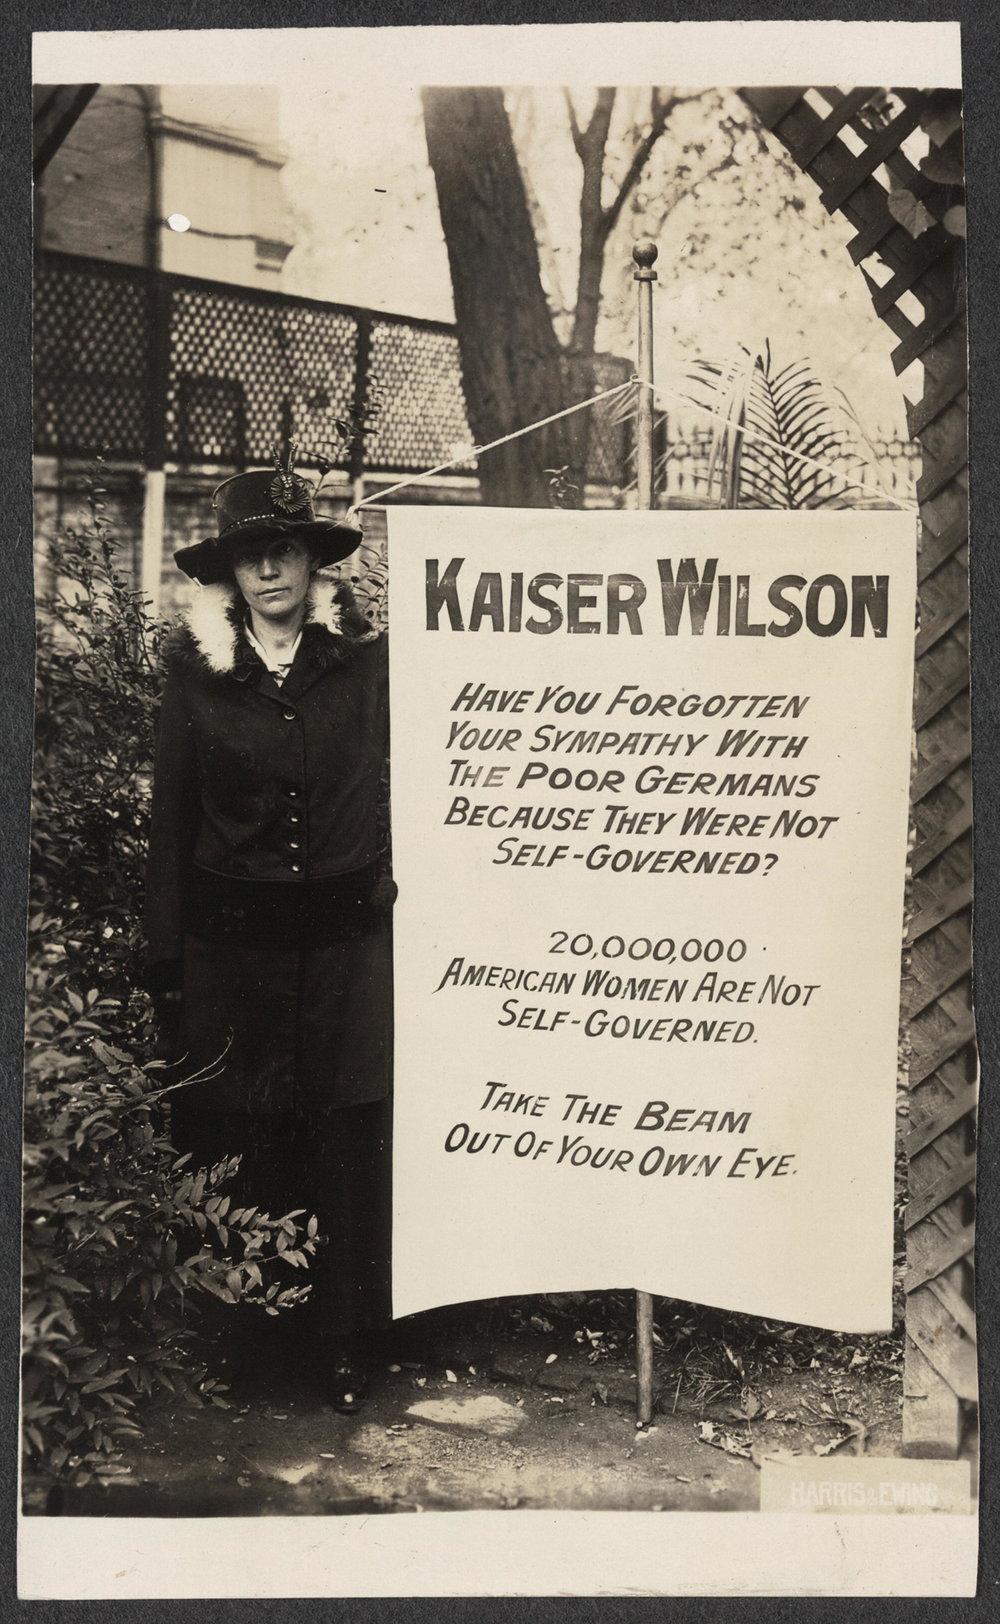 Virginia Arnold holding Kaiser Wilson banner